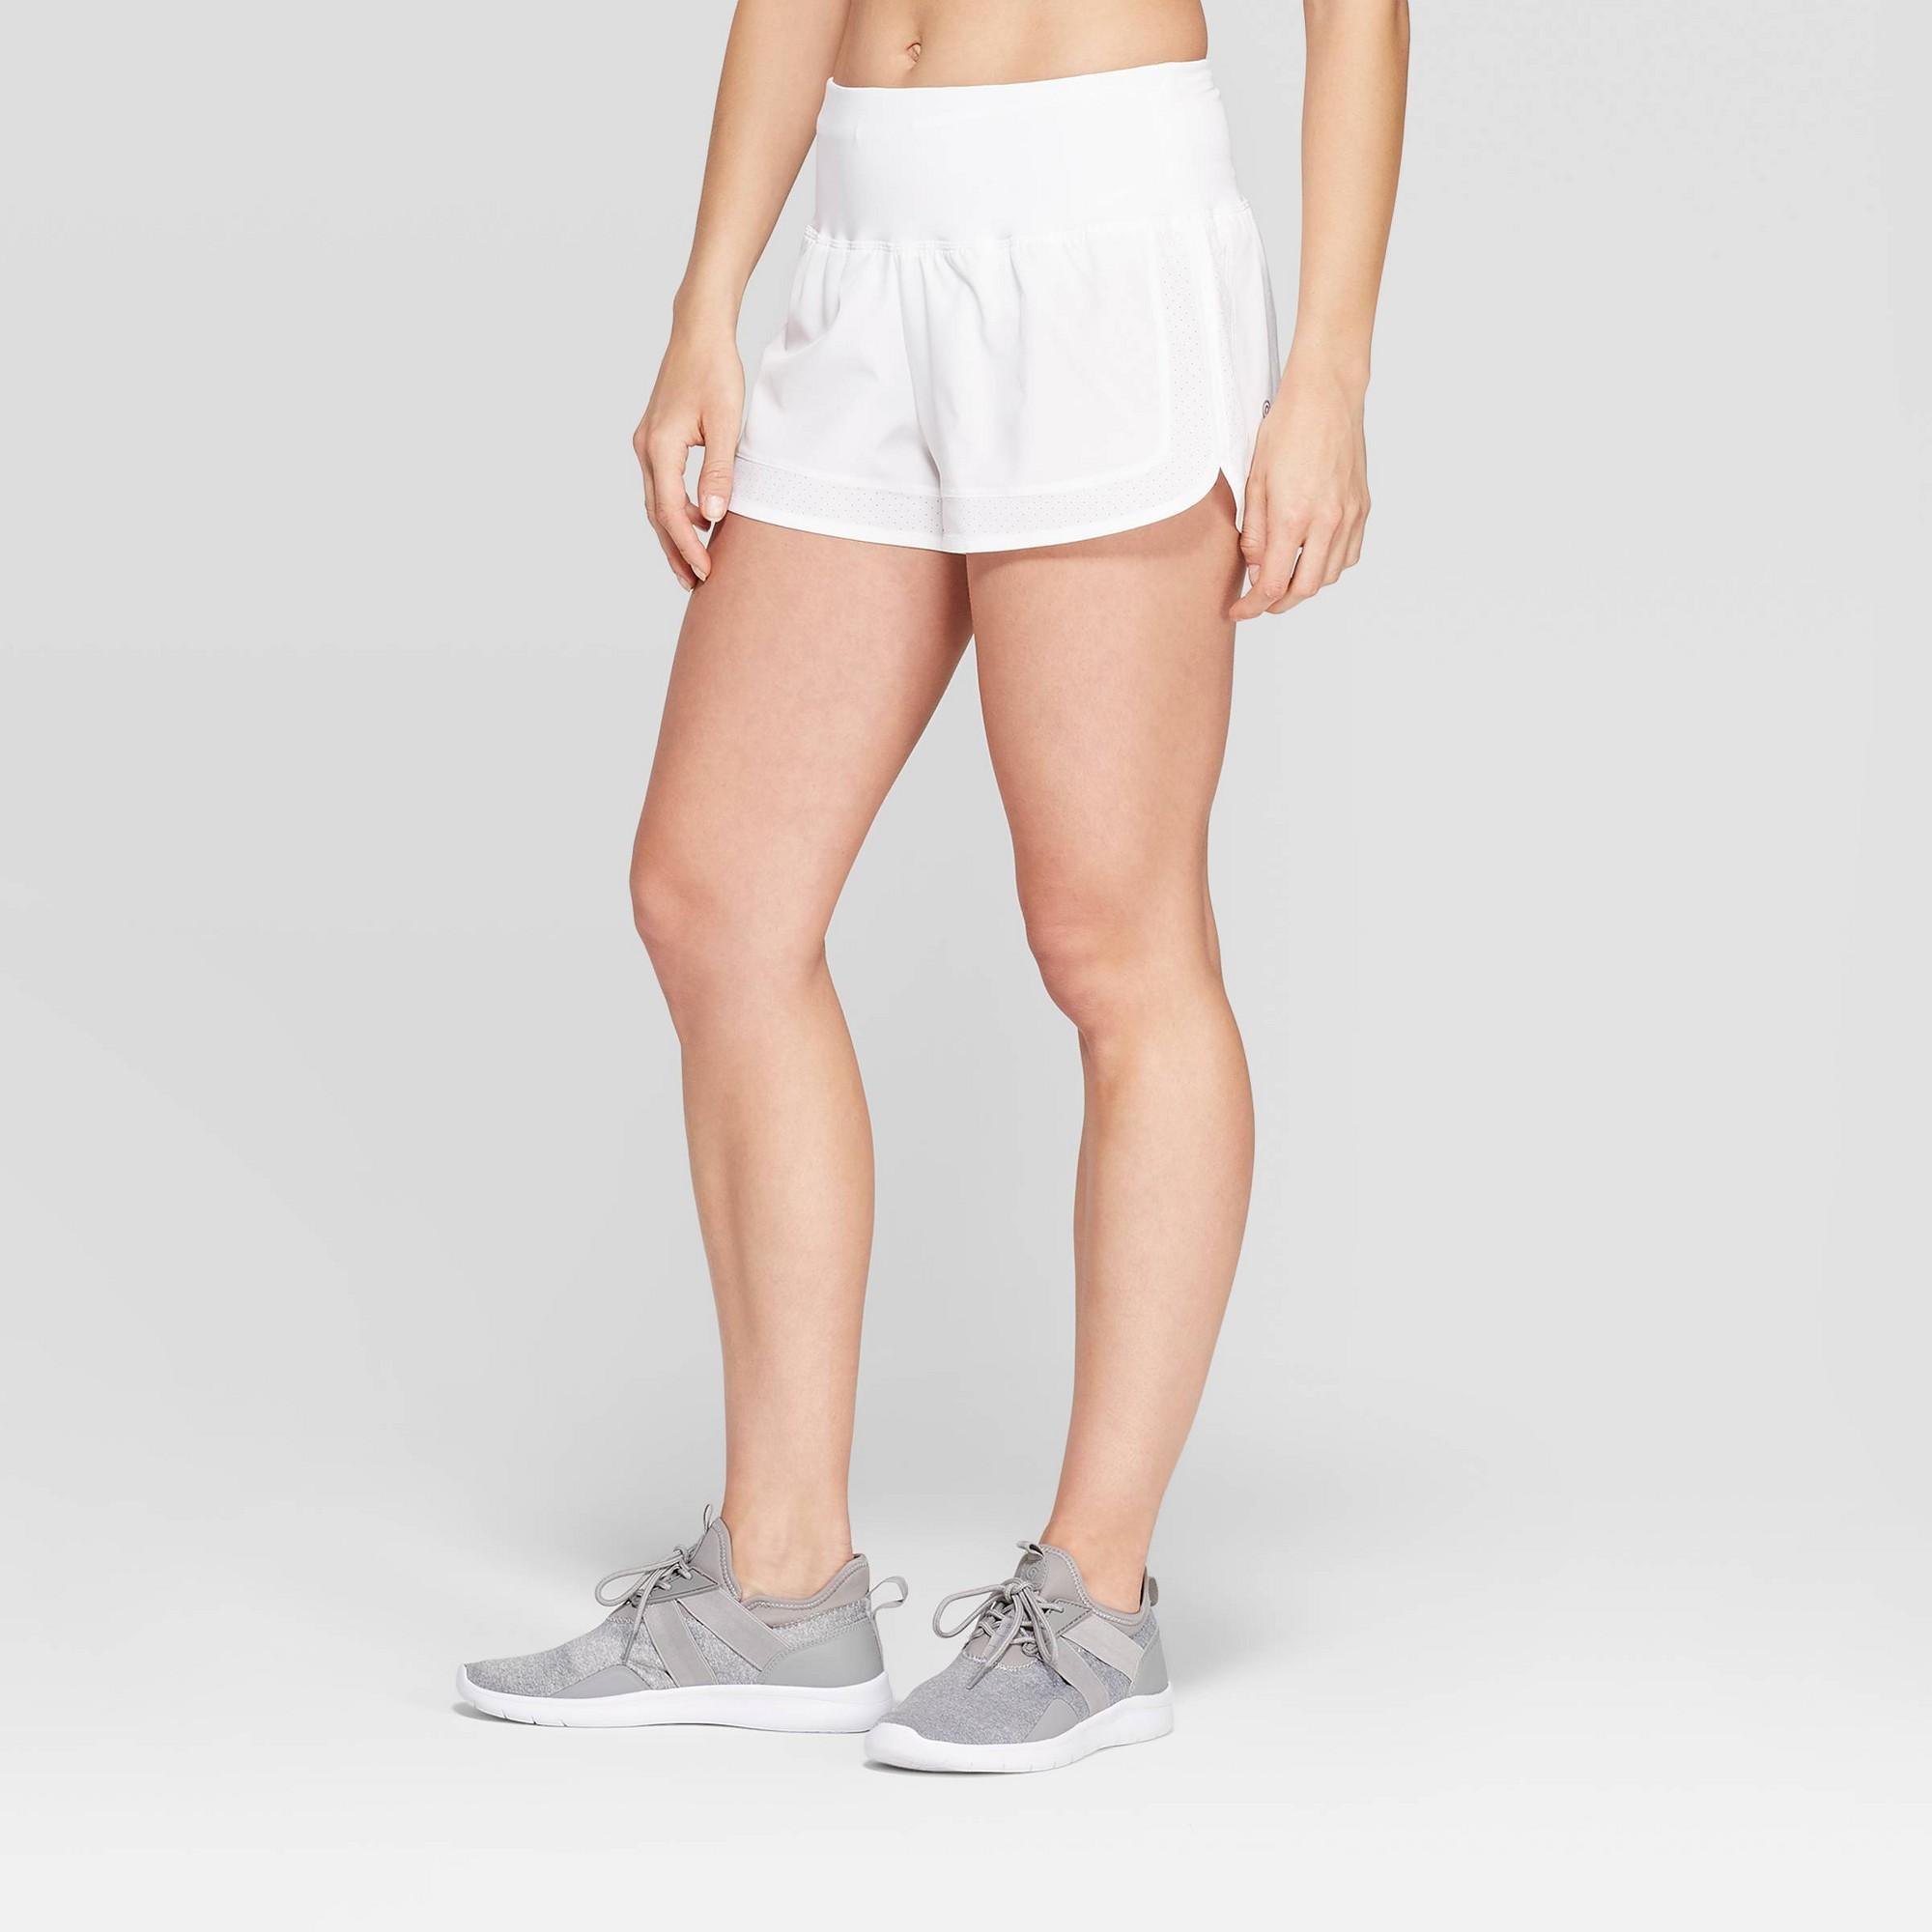 Women's Running High-Waisted Premium Shorts 2.5 - C9 Champion White XS